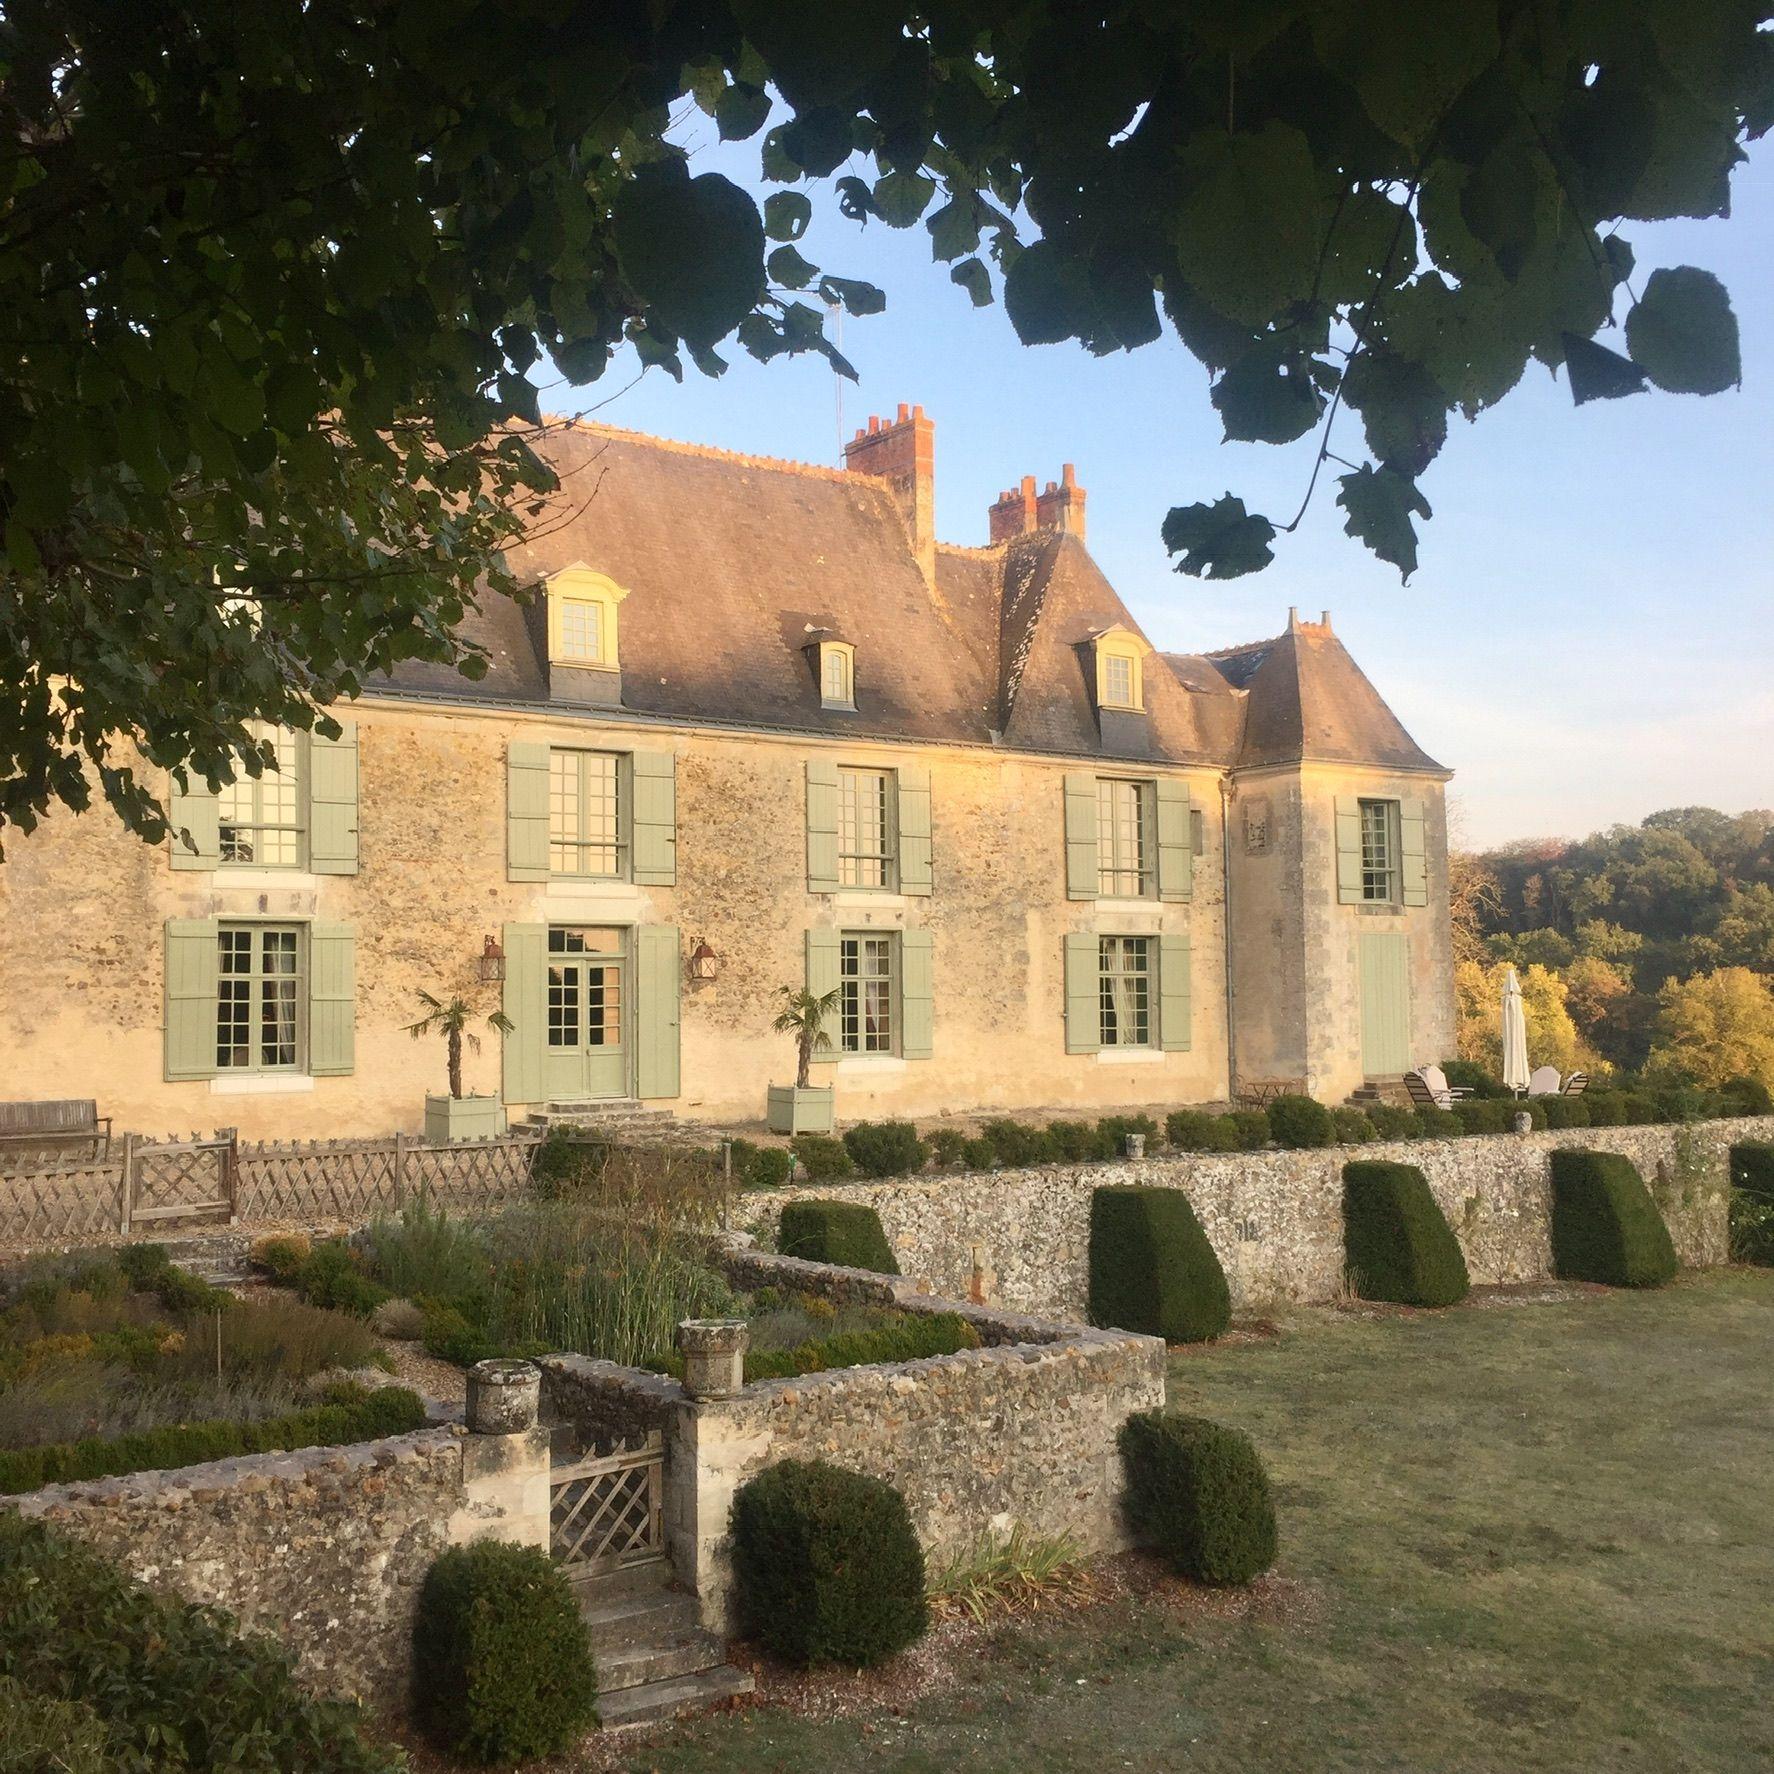 Chateau D Hodebert Chambres D Hotes Chateaux De La Loire Touraine Val De Loire En 2020 Chateau Le Manoir Chateau De La Loire